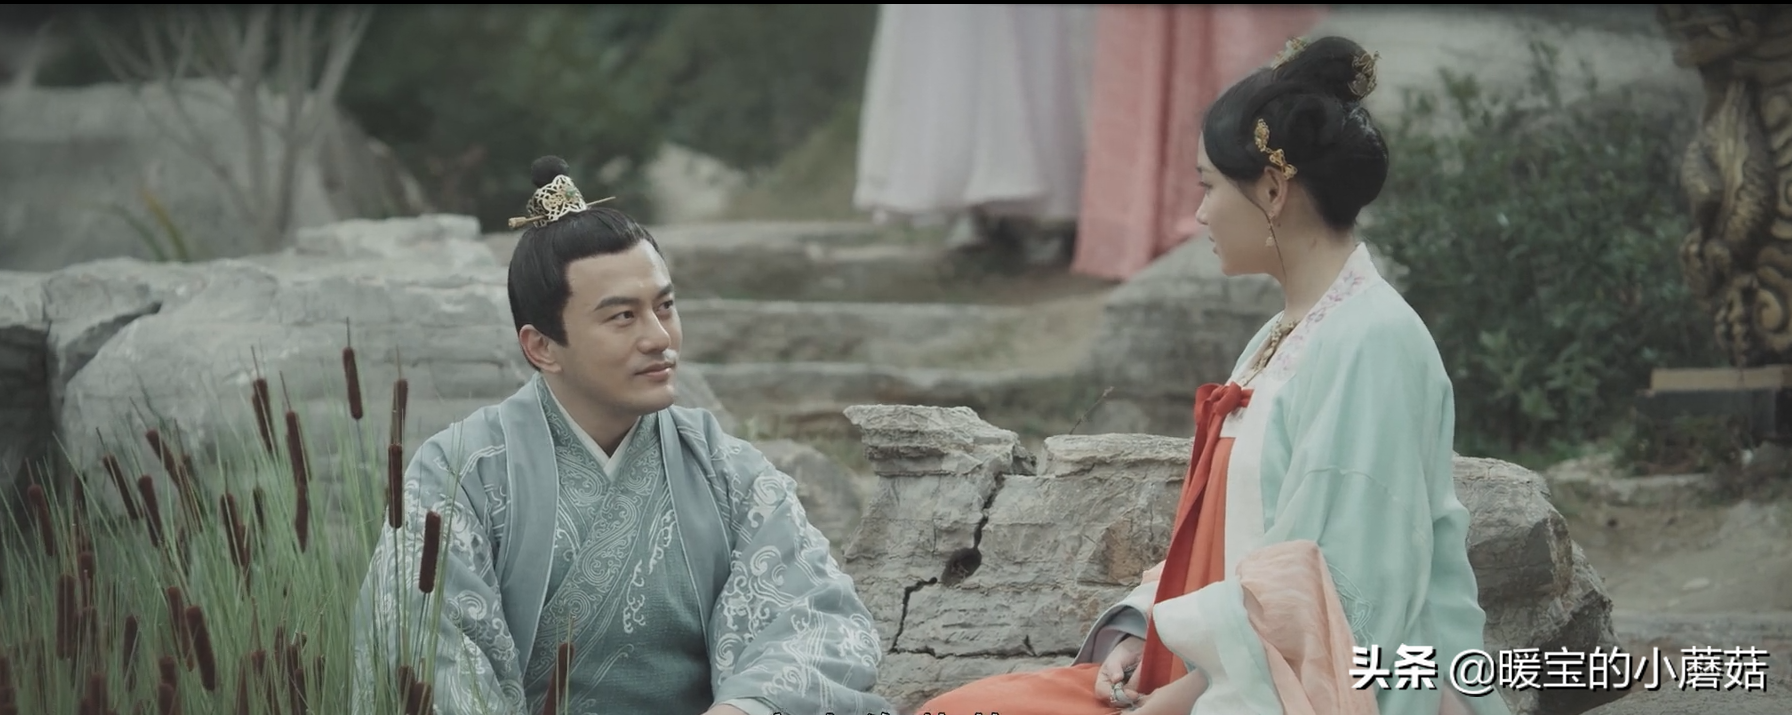 《御赐小仵作》:臣想做一方磐石,护公主一世安稳。——驸马